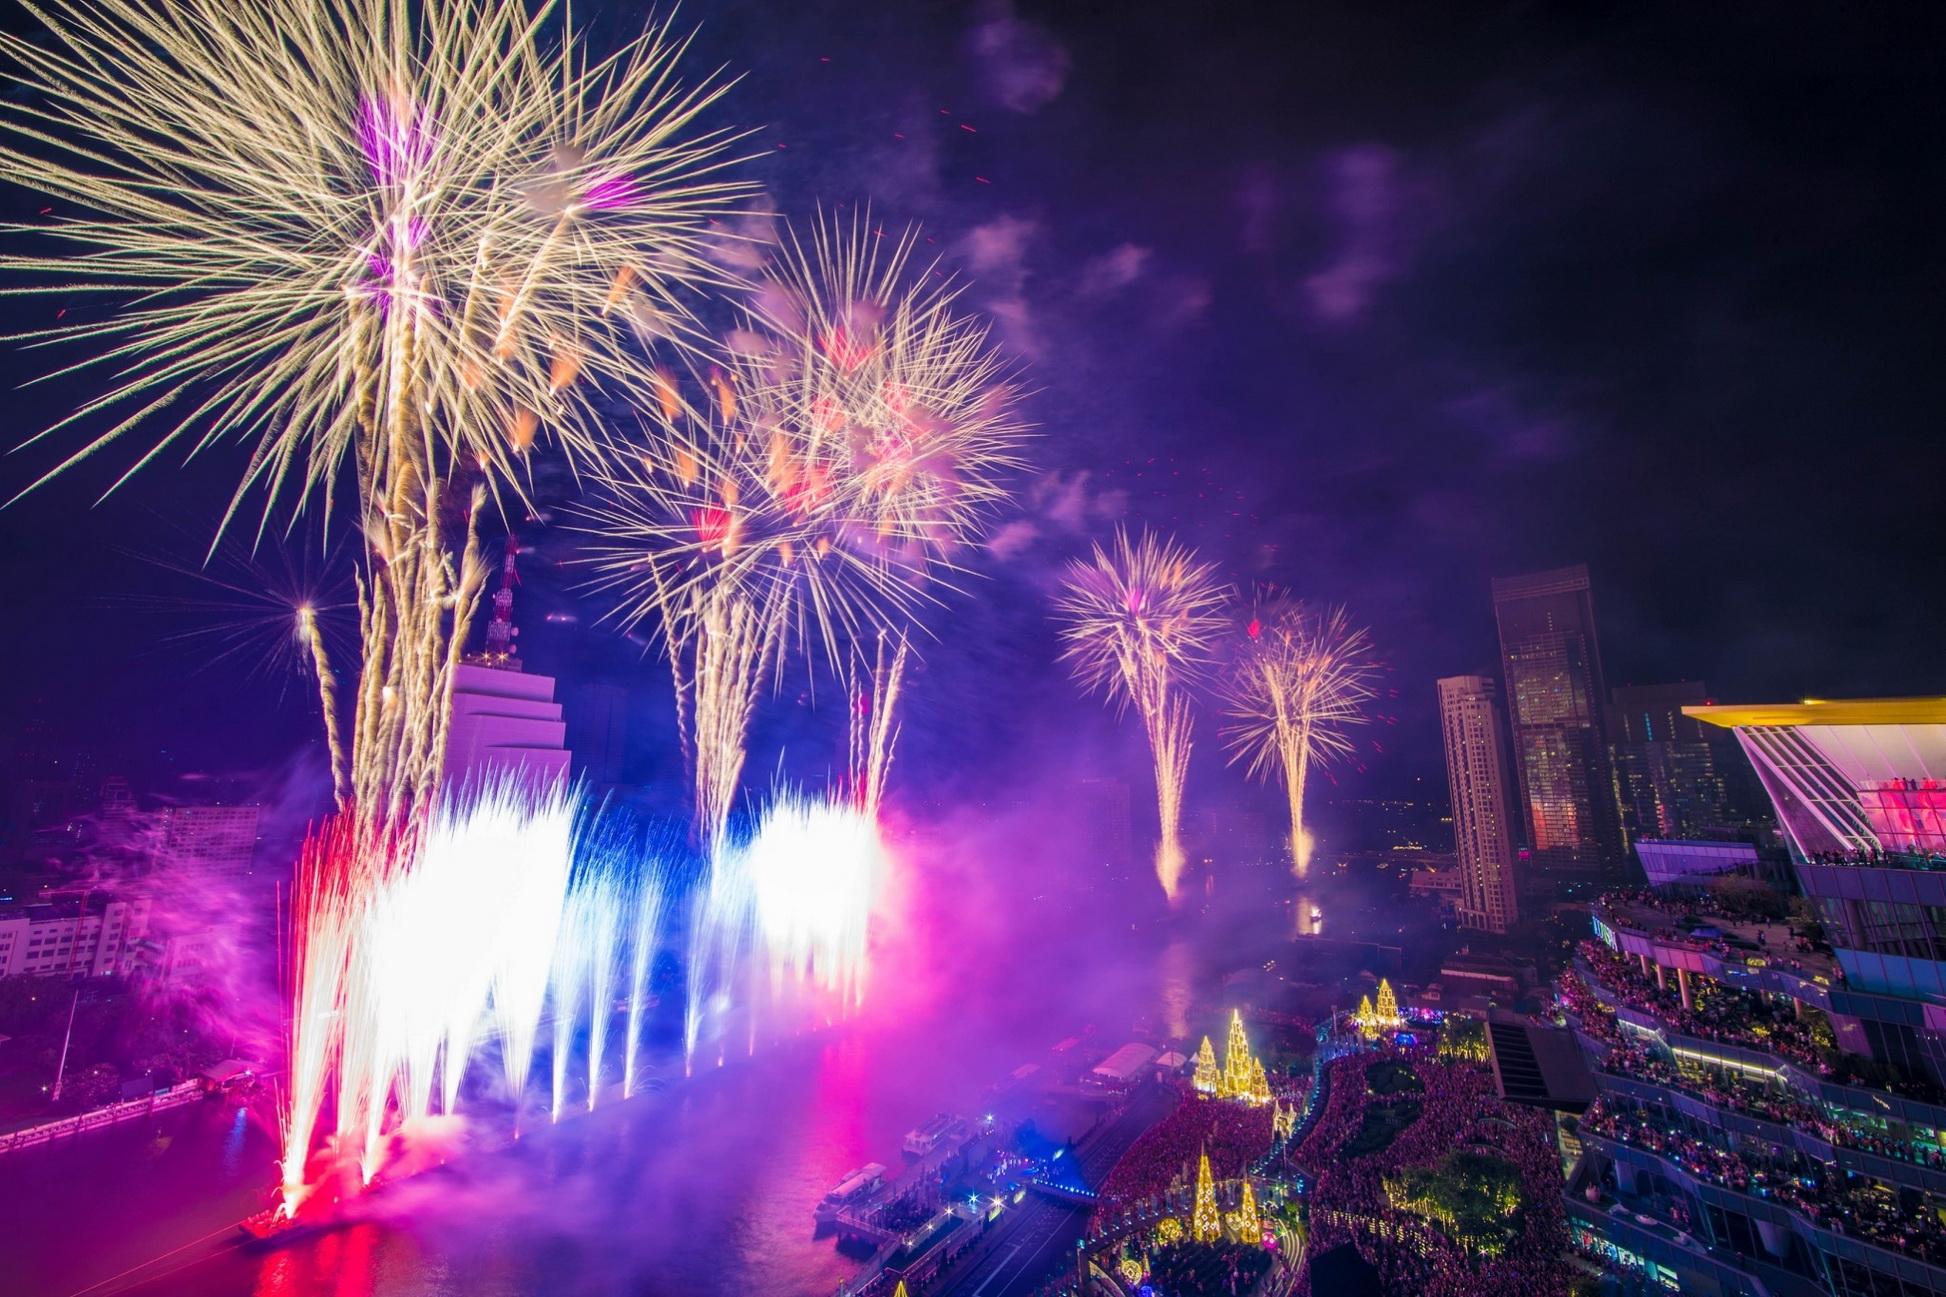 """เต็มอิ่มความสุขสนุกสนาน! กองทัพดาราศิลปินชื่อดังร่วมฉลองเคาท์ดาวน์ปีใหม่ ในอภิมหาปรากฏการณ์ """"Amazing Thailand Countdown 2020"""" ณ ไอคอนสยาม"""